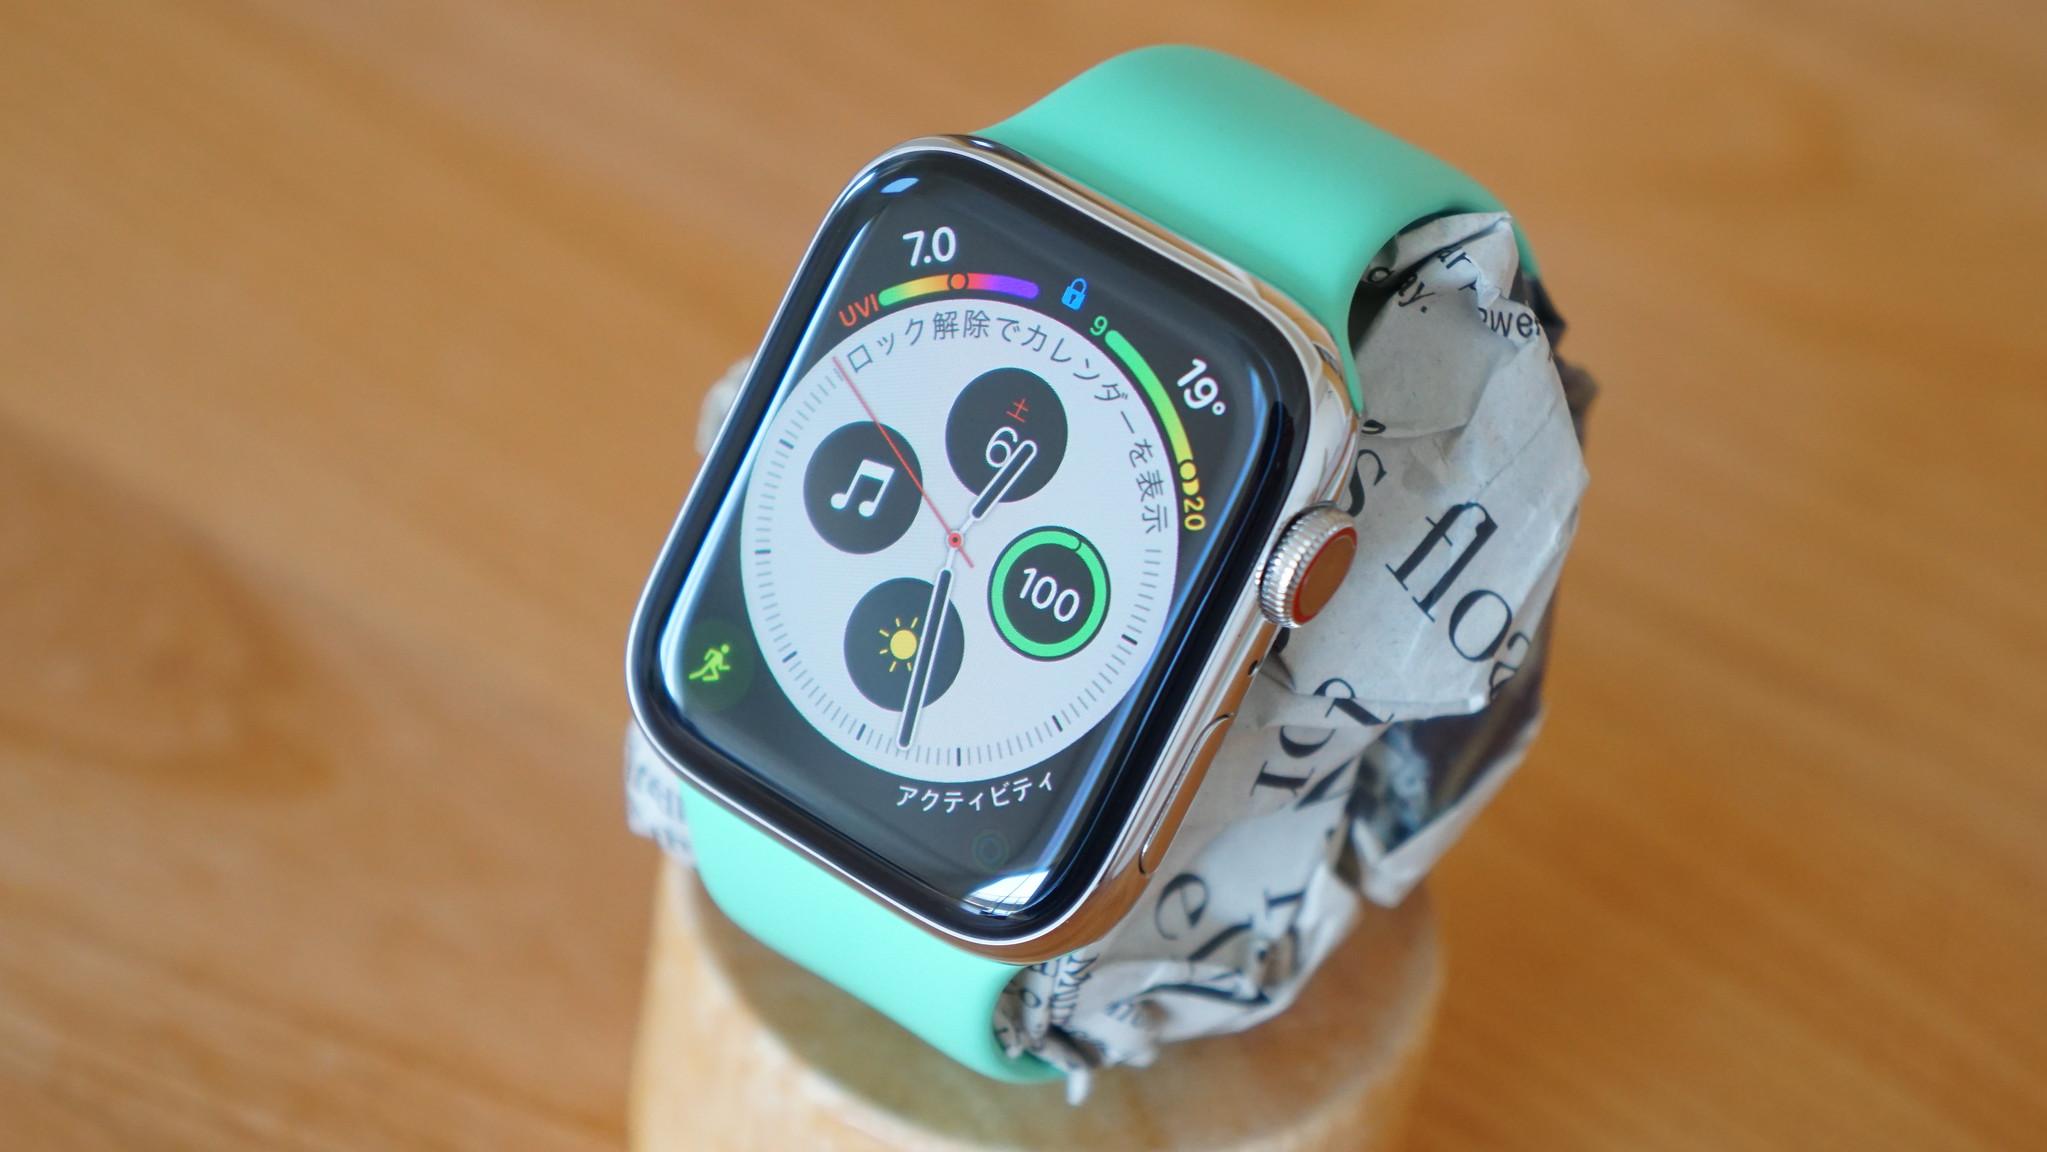 povoがセルラー版Apple Watchに対応。ウォッチナンバー利用者のみ